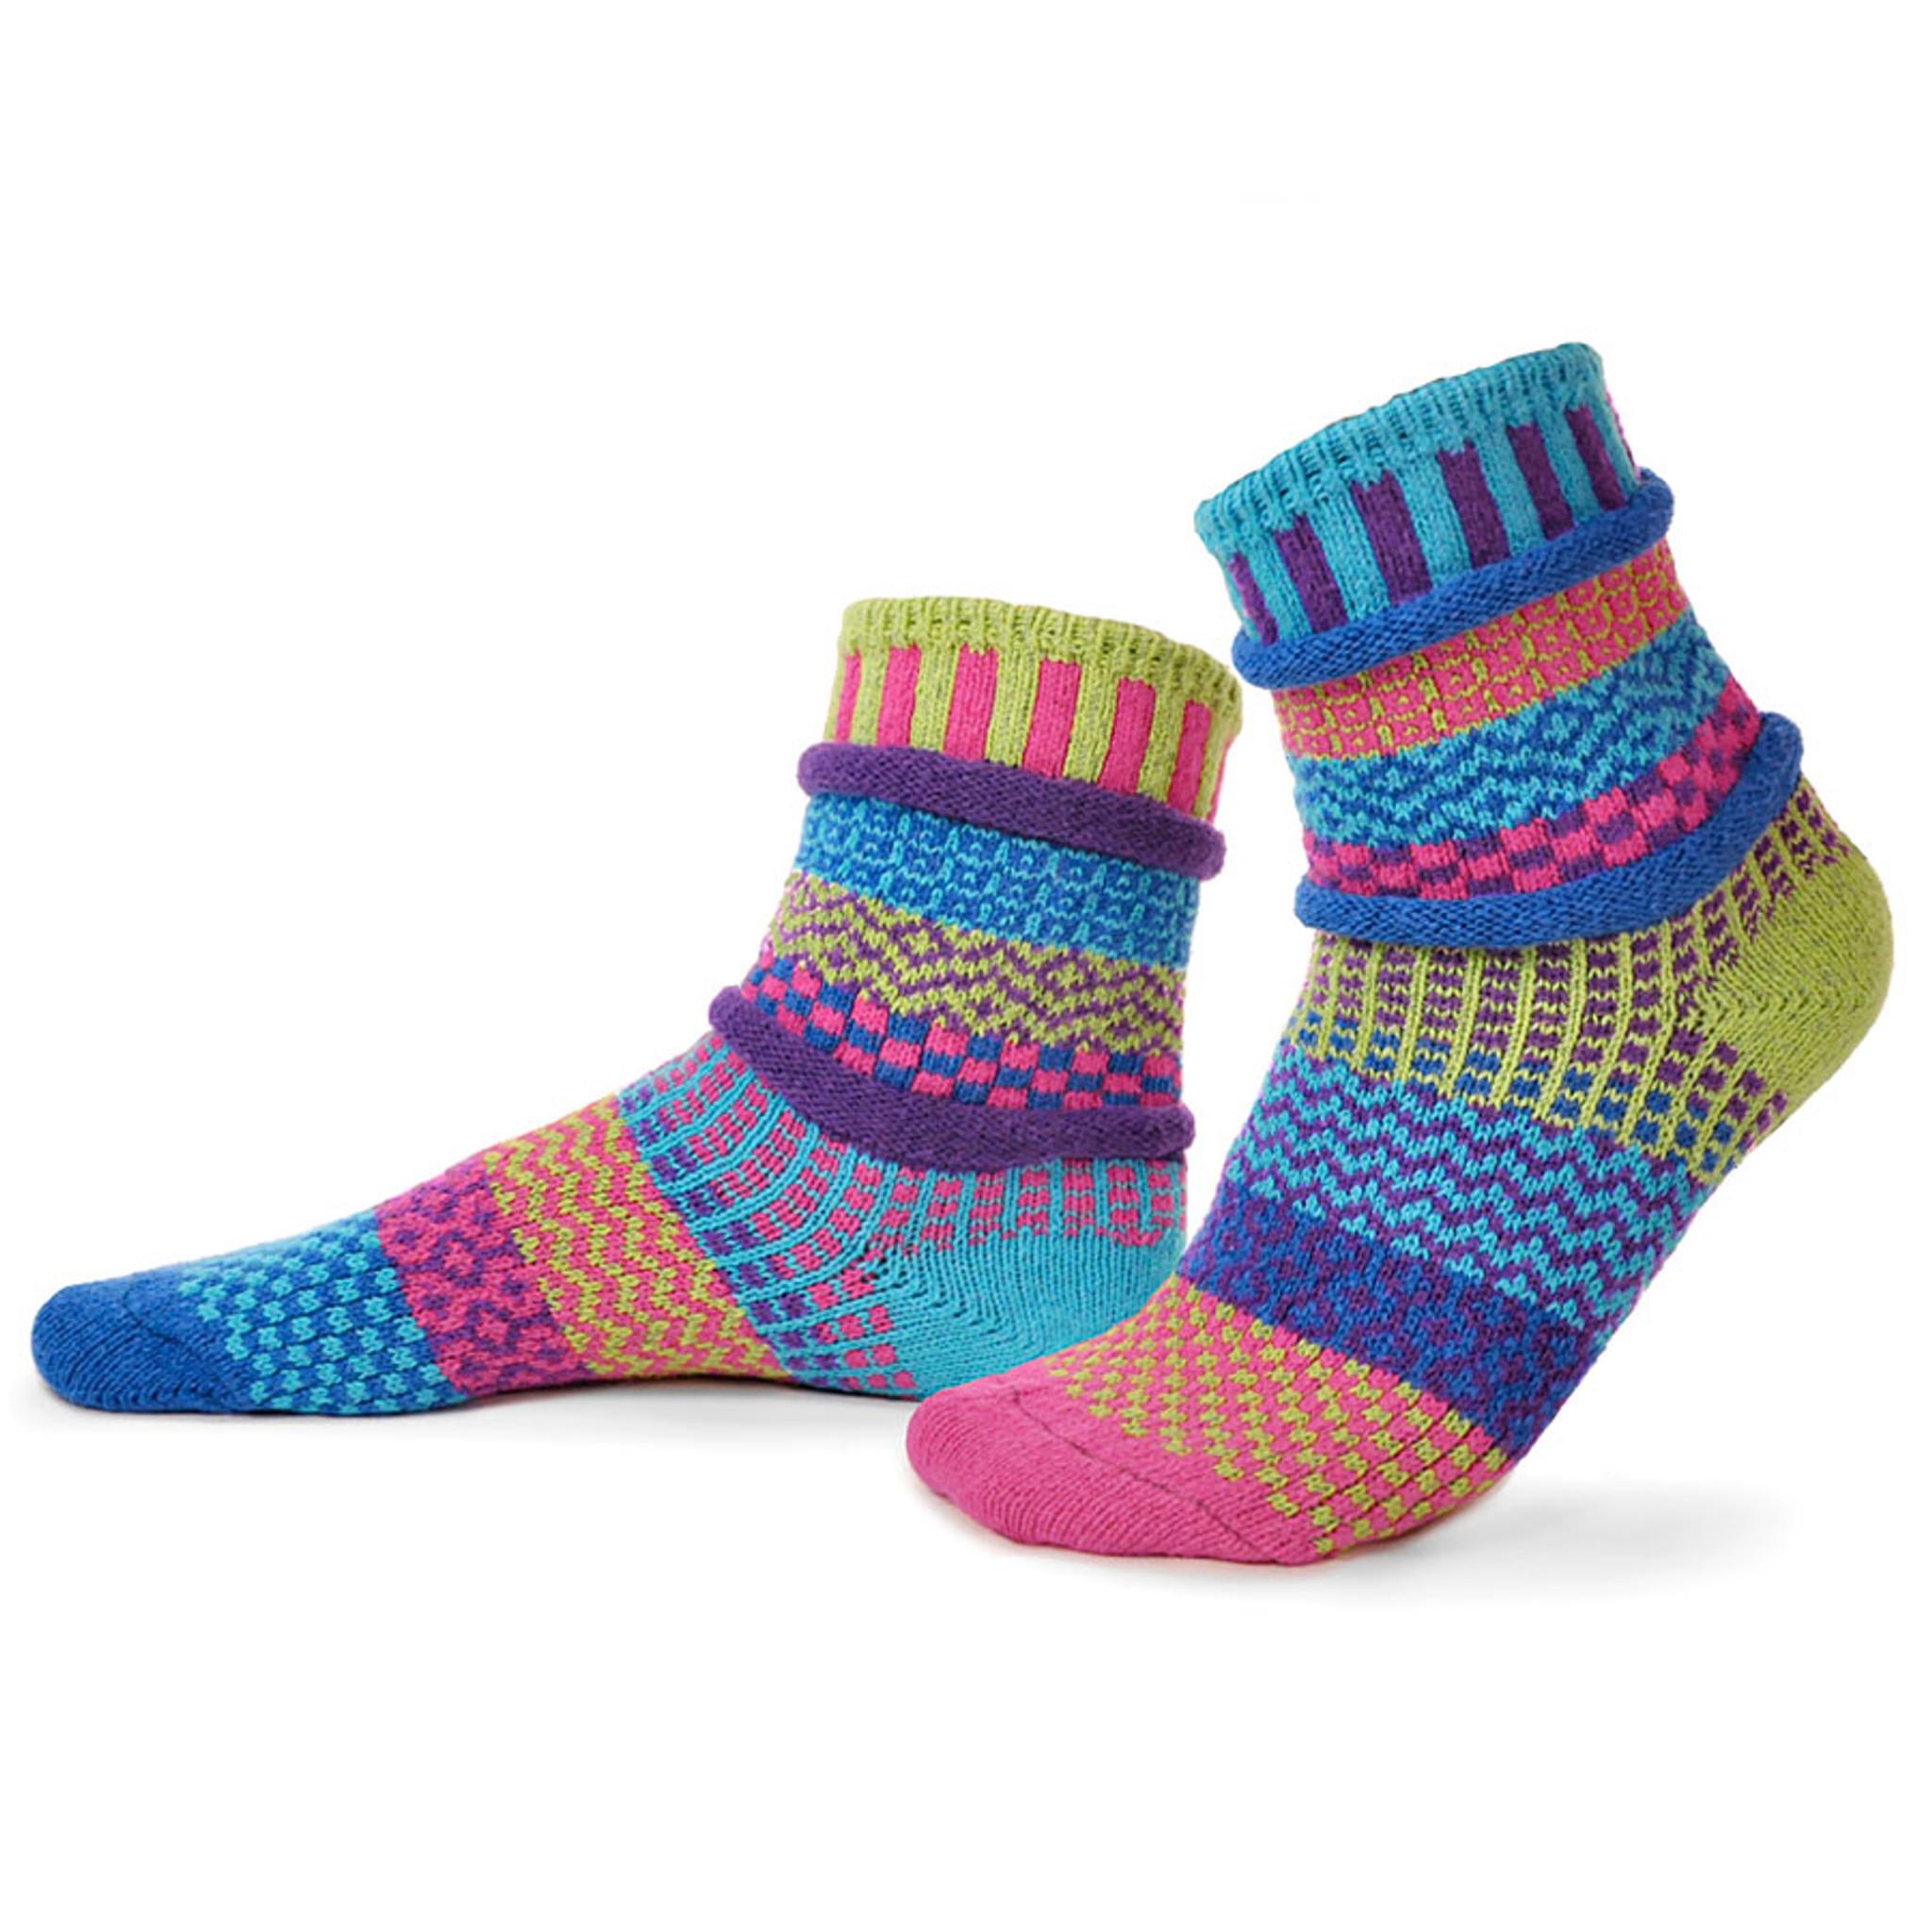 Image result for socks